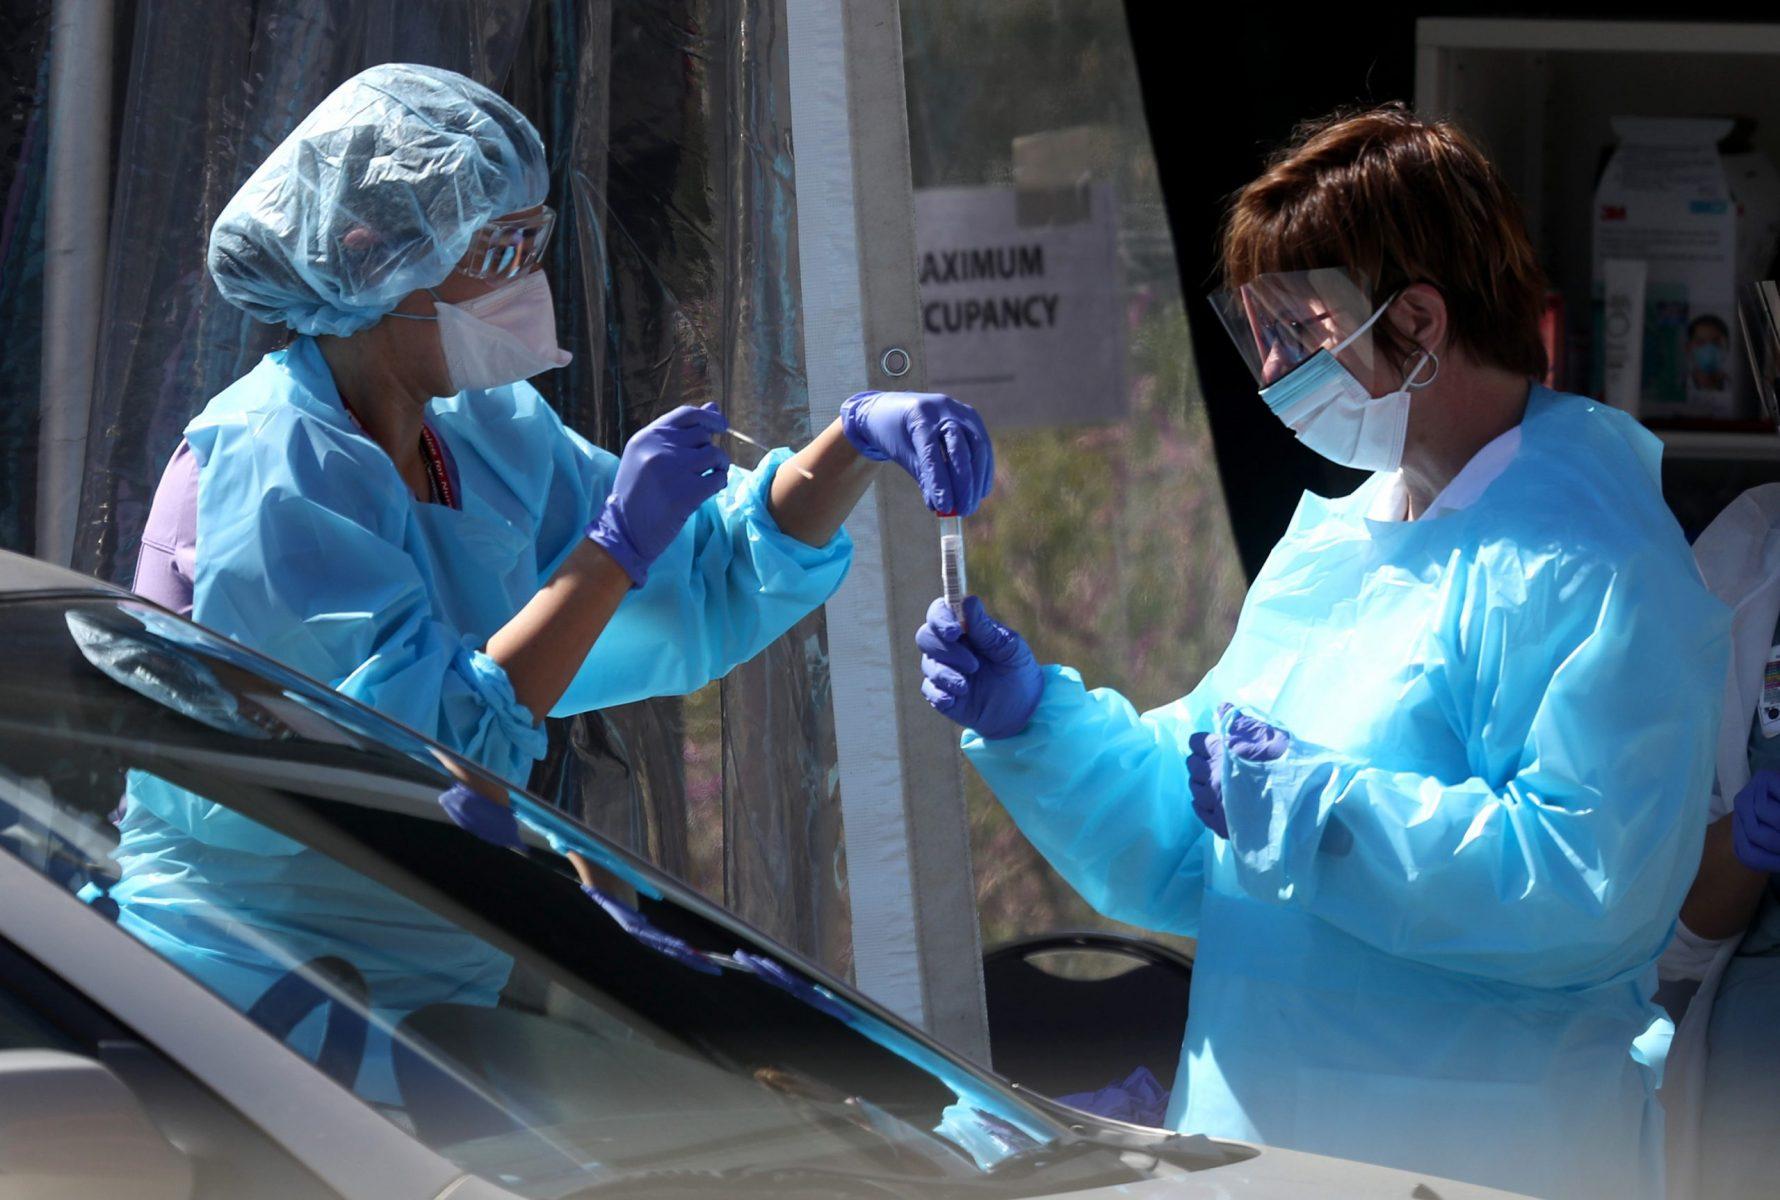 Πανδημία γιατροί: Πώς οι ιατρικές σχολές εκπαιδεύουν τη νέα γενιά γιατρών